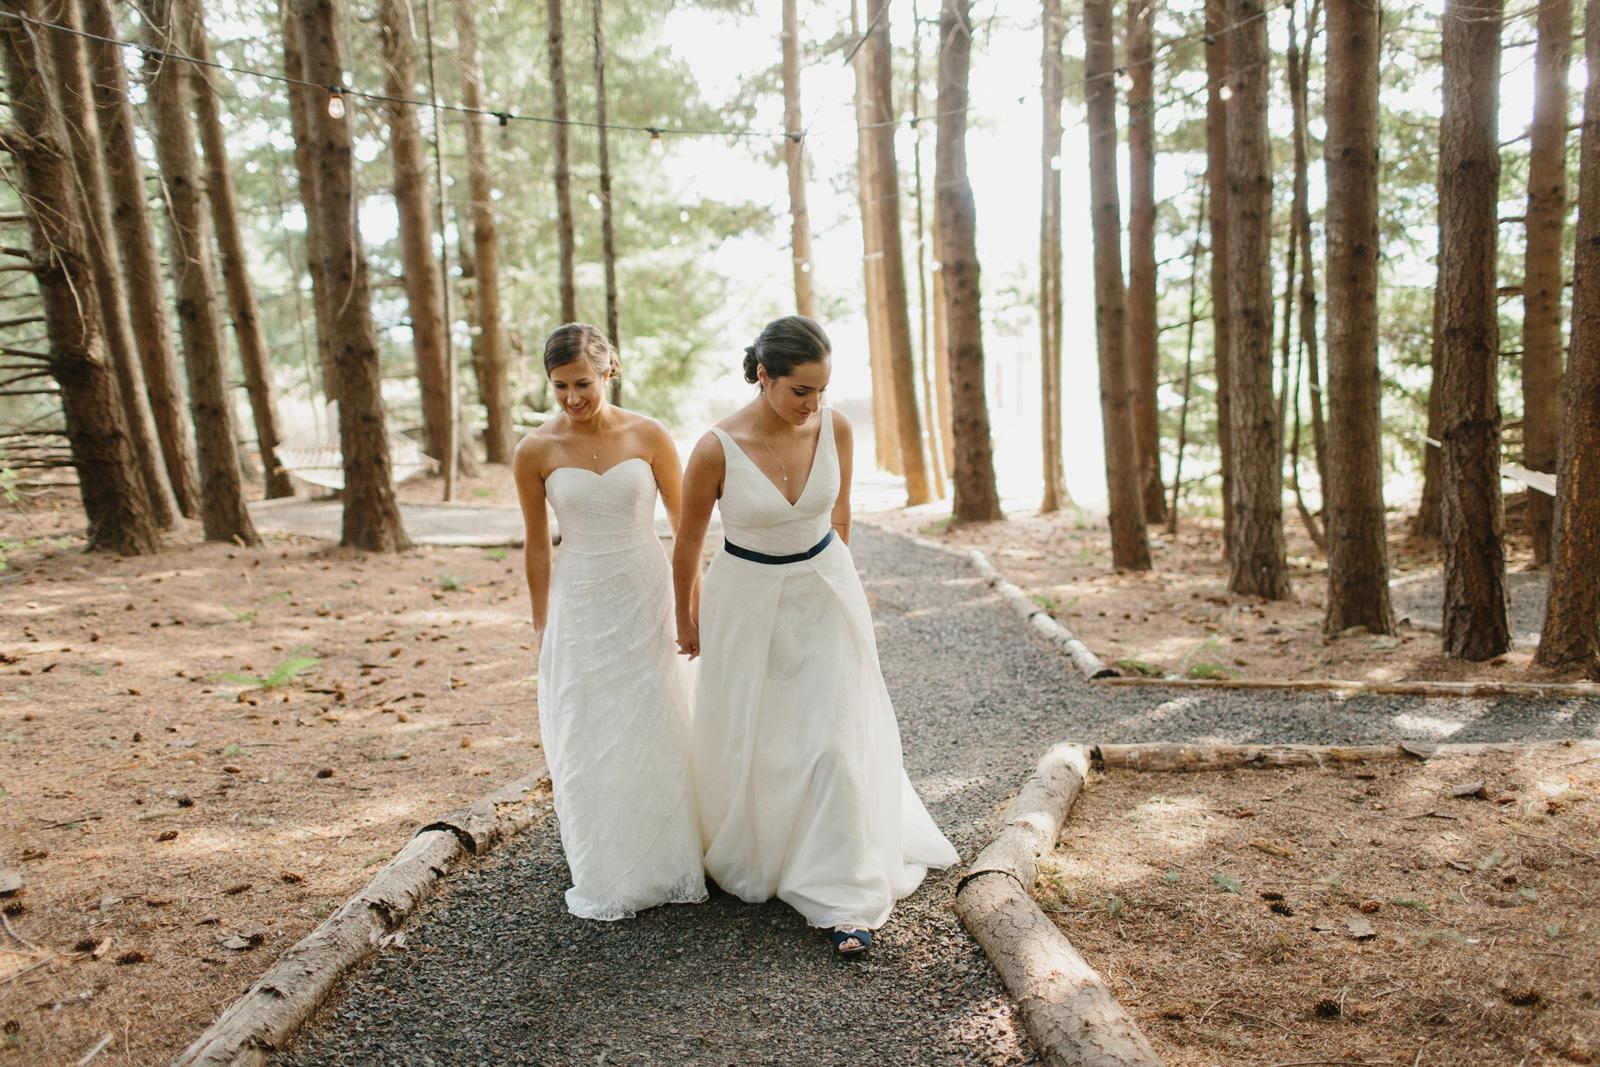 Gorge-Crest-Vineyards-Wedding_033-1.jpg